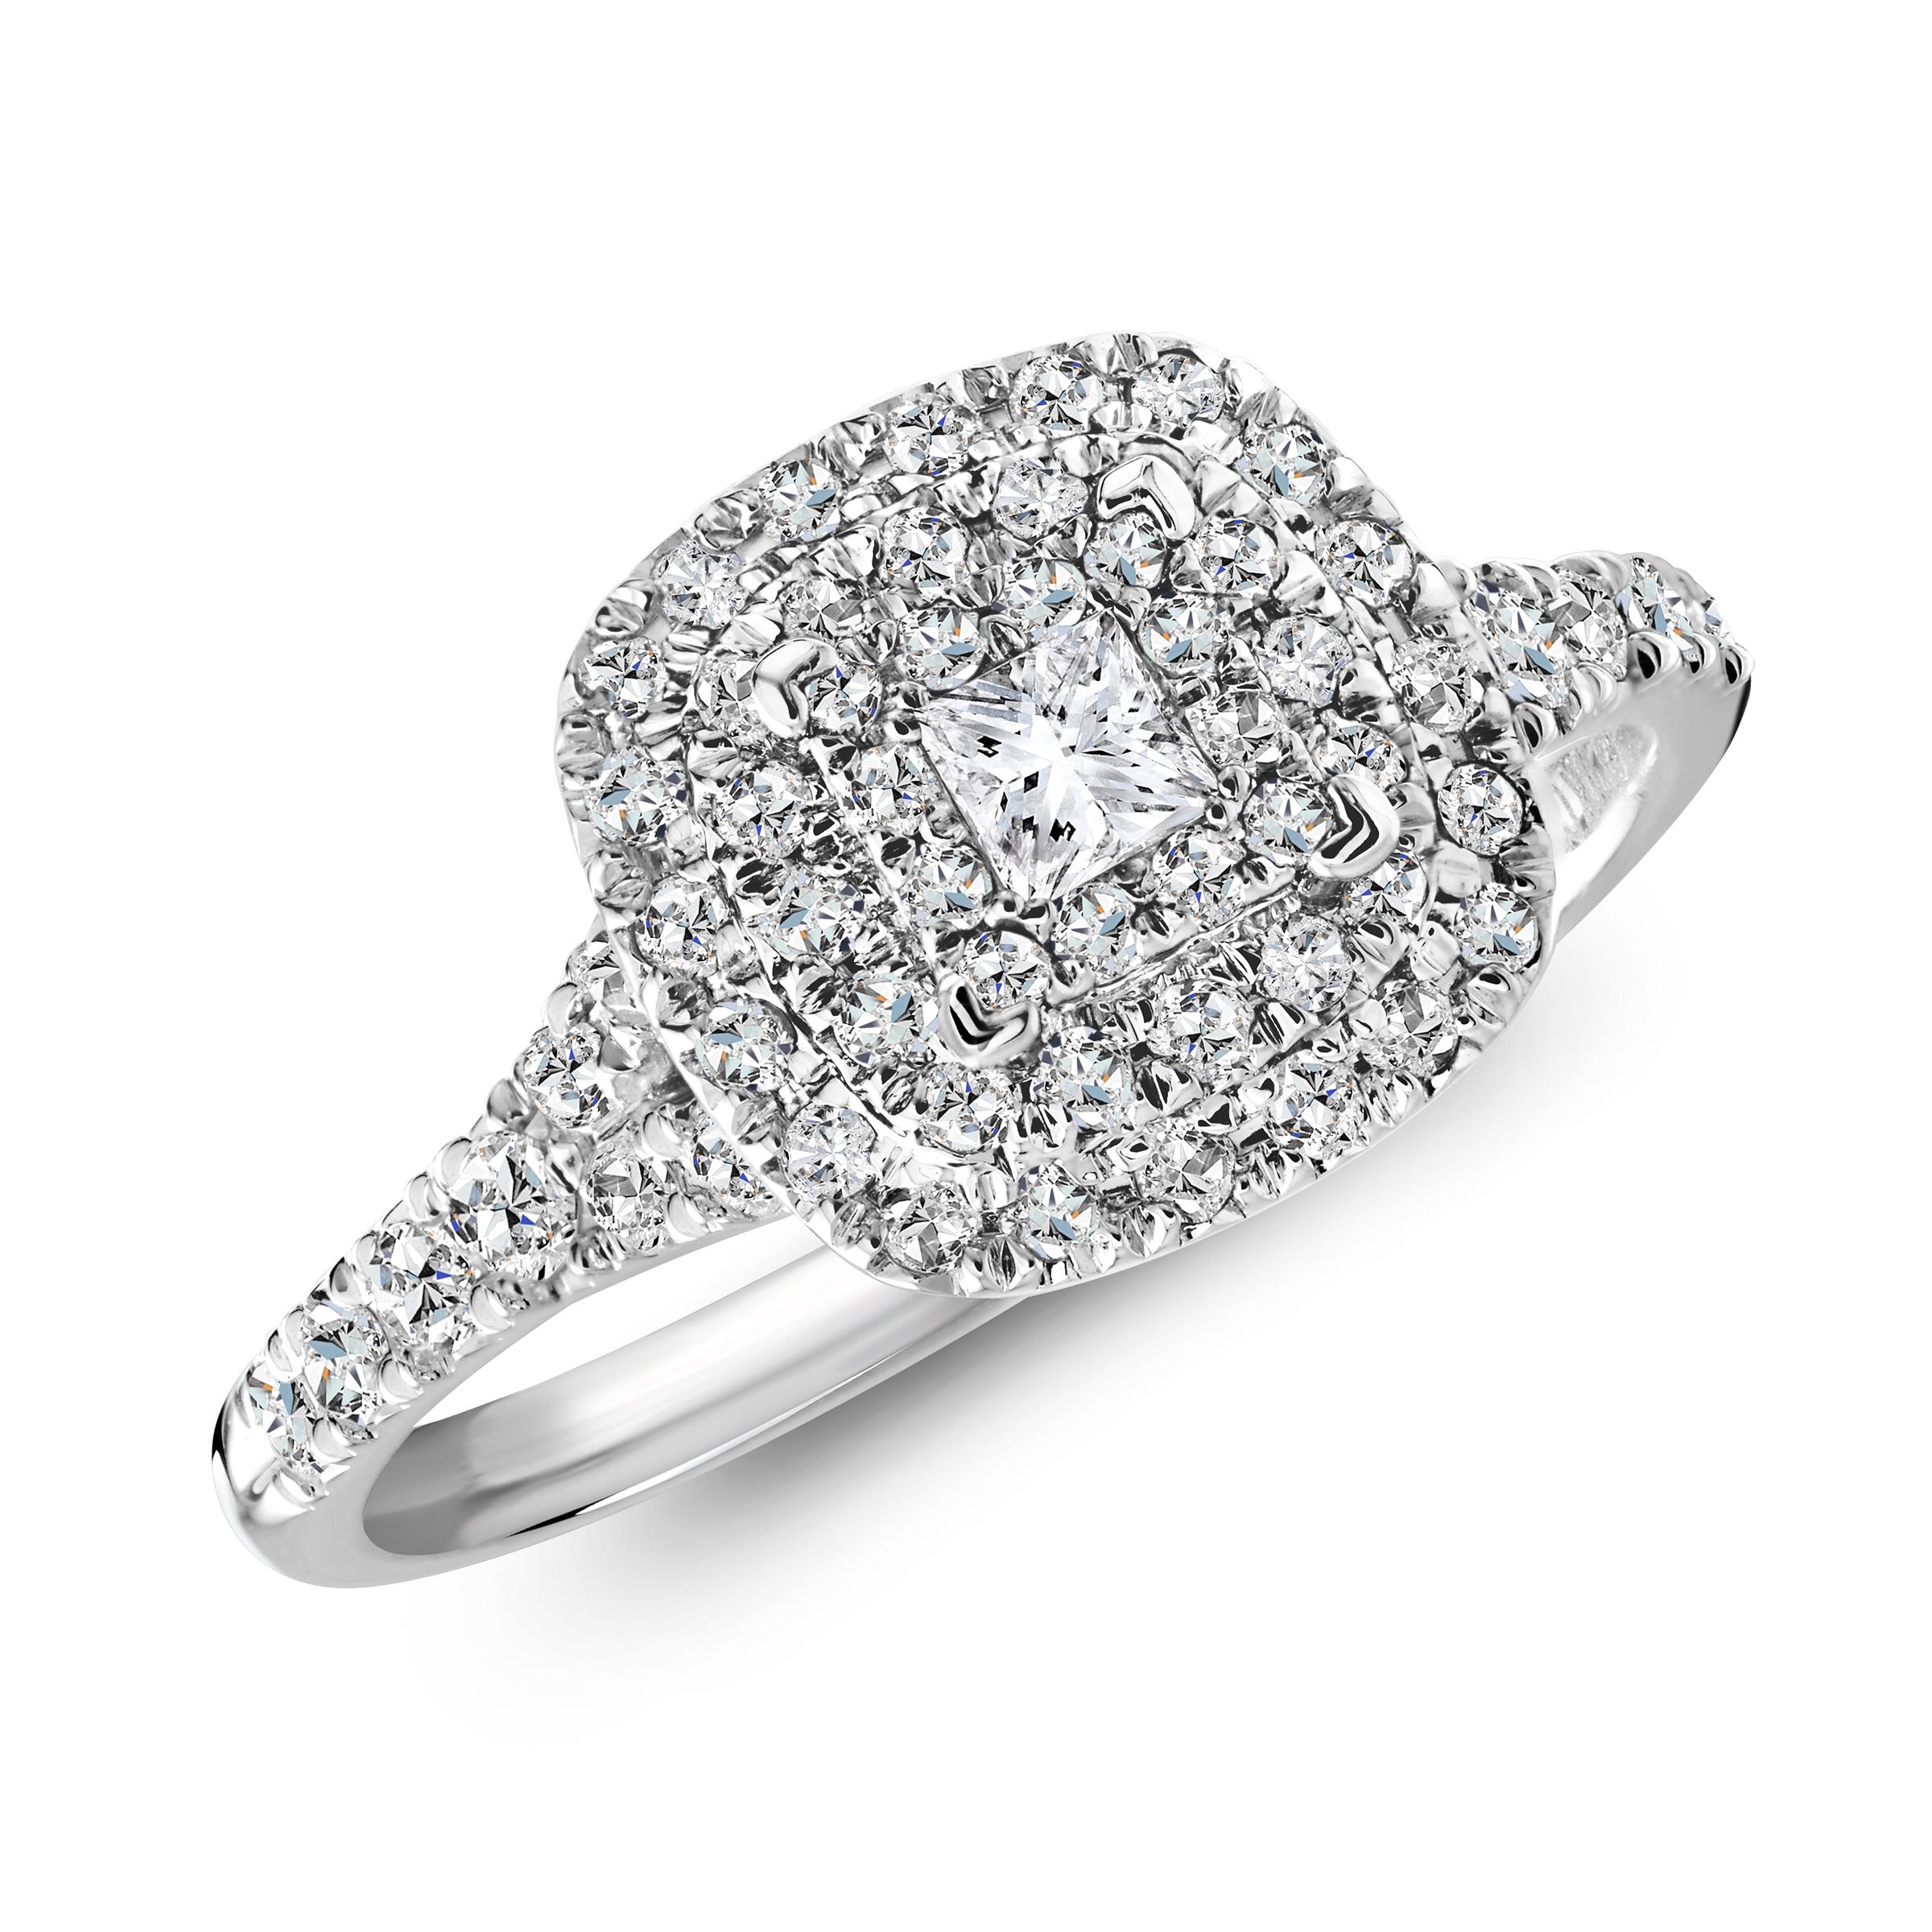 Bague de fiancailles - Or blanc 10K & Diamants totalisant 0.50 Carat